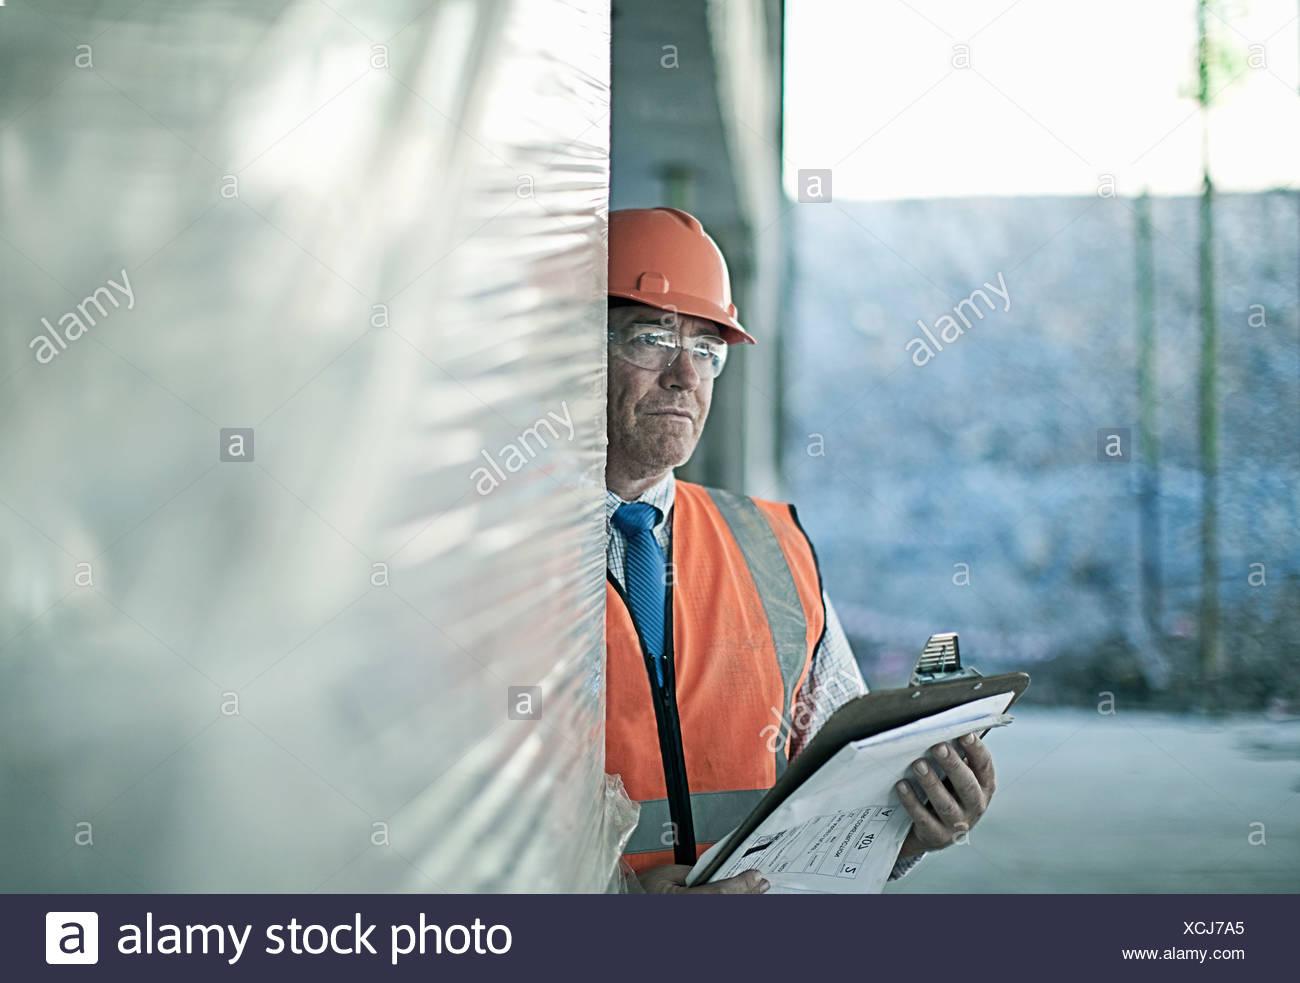 Geschäftsmann, stehend auf Baustelle Stockbild